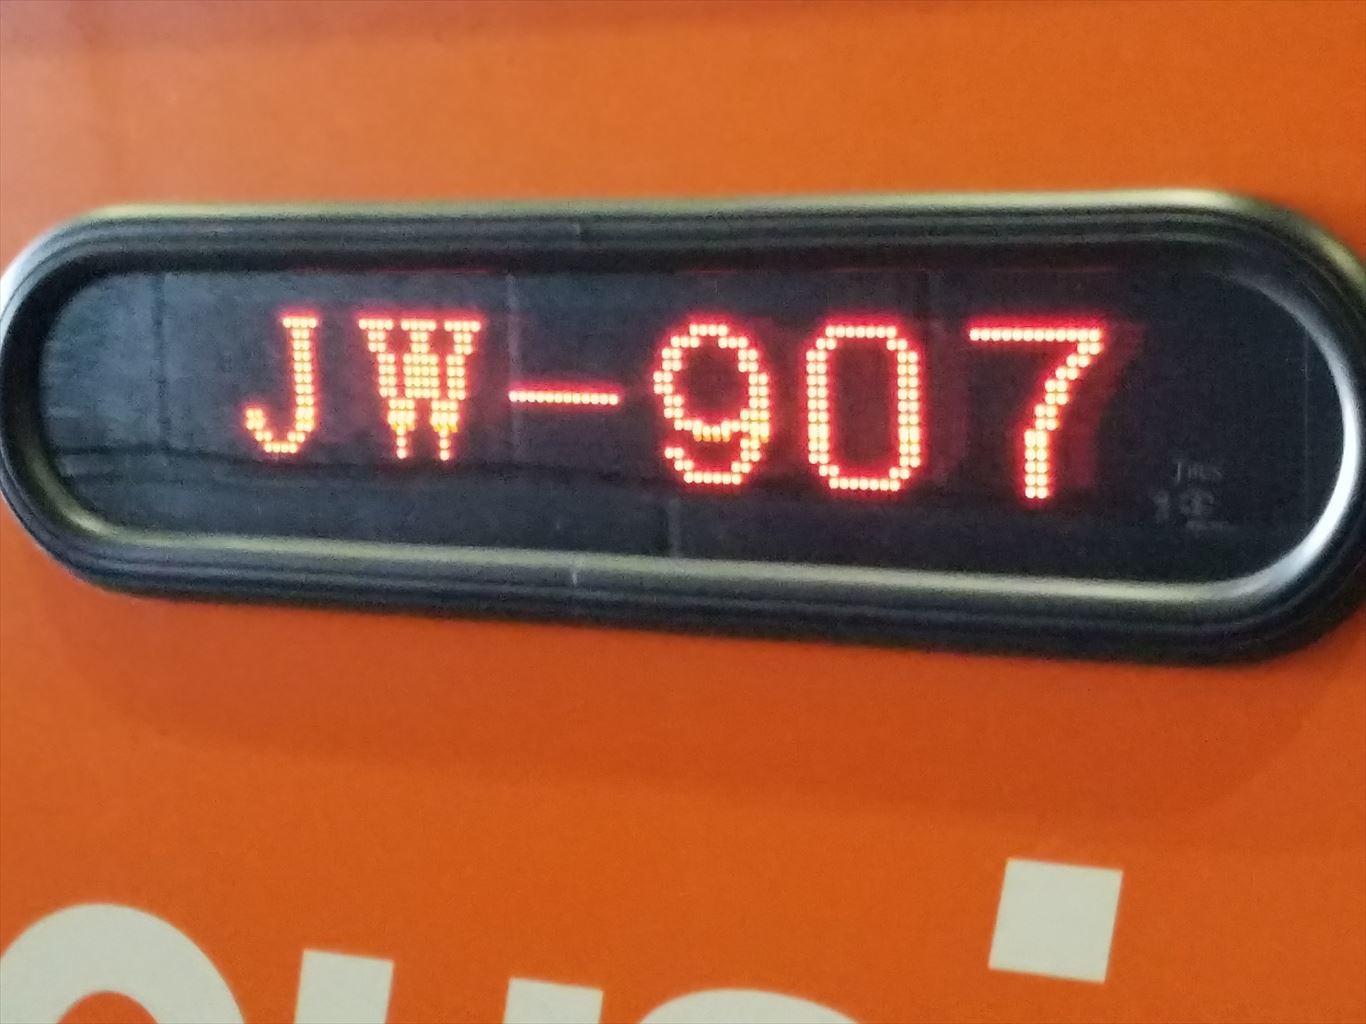 ランプバス便名表示